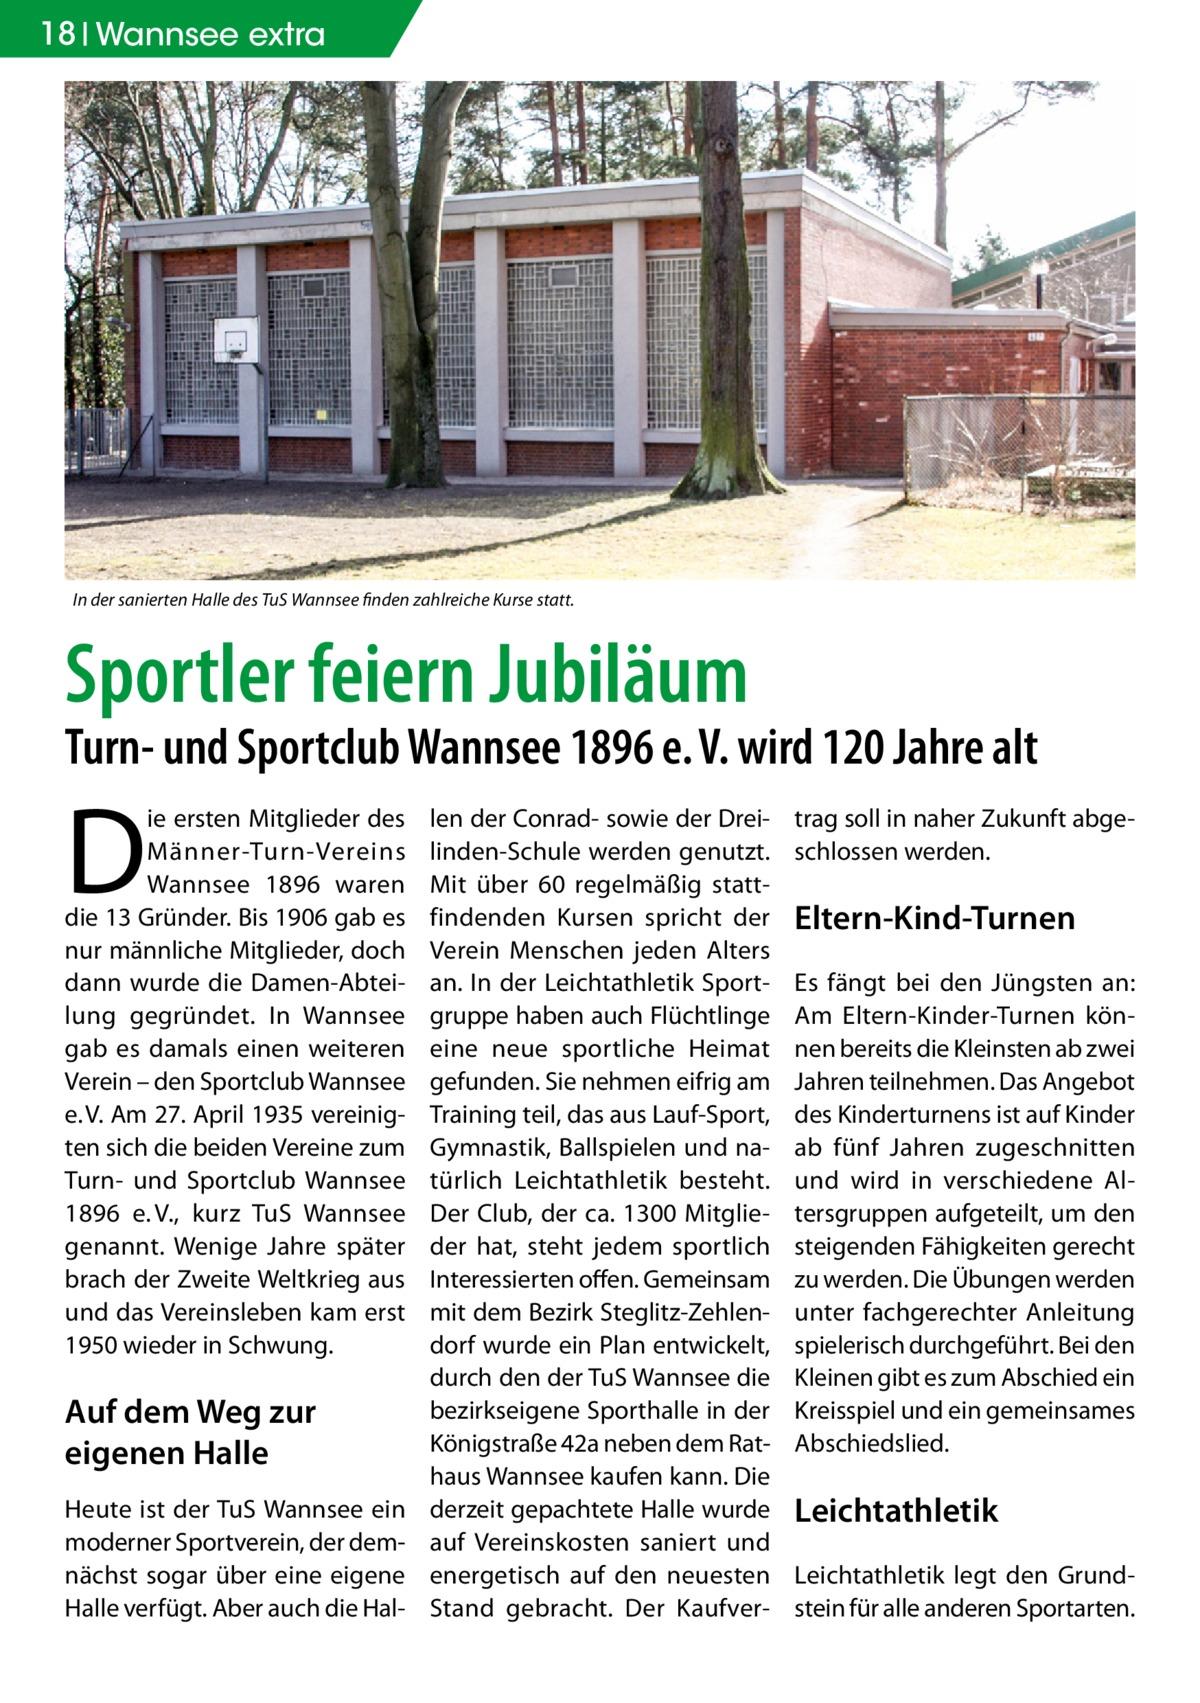 18 Wannsee extra  In der sanierten Halle des TuS Wannsee finden zahlreiche Kurse statt.  Sportler feiern Jubiläum  Turn- und Sportclub Wannsee 1896 e.V. wird 120Jahre alt  D  ie ersten Mitglieder des Männer-Turn-Vereins Wannsee 1896 waren die 13 Gründer. Bis 1906 gab es nur männliche Mitglieder, doch dann wurde die Damen-Abteilung gegründet. In Wannsee gab es damals einen weiteren Verein – den Sportclub Wannsee e.V. Am 27.April 1935 vereinigten sich die beiden Vereine zum Turn- und Sportclub Wannsee 1896 e.V., kurz TuS Wannsee genannt. Wenige Jahre später brach der Zweite Weltkrieg aus und das Vereinsleben kam erst 1950 wieder in Schwung.  Auf dem Weg zur eigenen Halle Heute ist der TuS Wannsee ein moderner Sportverein, der demnächst sogar über eine eigene Halle verfügt. Aber auch die Hal len der Conrad- sowie der Dreilinden-Schule werden genutzt. Mit über 60 regelmäßig stattfindenden Kursen spricht der Verein Menschen jeden Alters an. In der Leichtathletik Sportgruppe haben auch Flüchtlinge eine neue sportliche Heimat gefunden. Sie nehmen eifrig am Training teil, das aus Lauf-Sport, Gymnastik, Ballspielen und natürlich Leichtathletik besteht. Der Club, der ca. 1300 Mitglieder hat, steht jedem sportlich Interessierten offen. Gemeinsam mit dem Bezirk Steglitz-Zehlendorf wurde ein Plan entwickelt, durch den der TuS Wannsee die bezirkseigene Sporthalle in der Königstraße42a neben dem Rathaus Wannsee kaufen kann. Die derzeit gepachtete Halle wurde auf Vereinskosten saniert und energetisch auf den neuesten Stand gebracht. Der Kaufver trag soll in naher Zukunft abgeschlossen werden.  Eltern-Kind-Turnen Es fängt bei den Jüngsten an: Am Eltern-Kinder-Turnen können bereits die Kleinsten ab zwei Jahren teilnehmen. Das Angebot des Kinderturnens ist auf Kinder ab fünf Jahren zugeschnitten und wird in verschiedene Altersgruppen aufgeteilt, um den steigenden Fähigkeiten gerecht zu werden. Die Übungen werden unter fachgerechter Anleitung spielerisch durchgeführt. Bei den Kleinen g